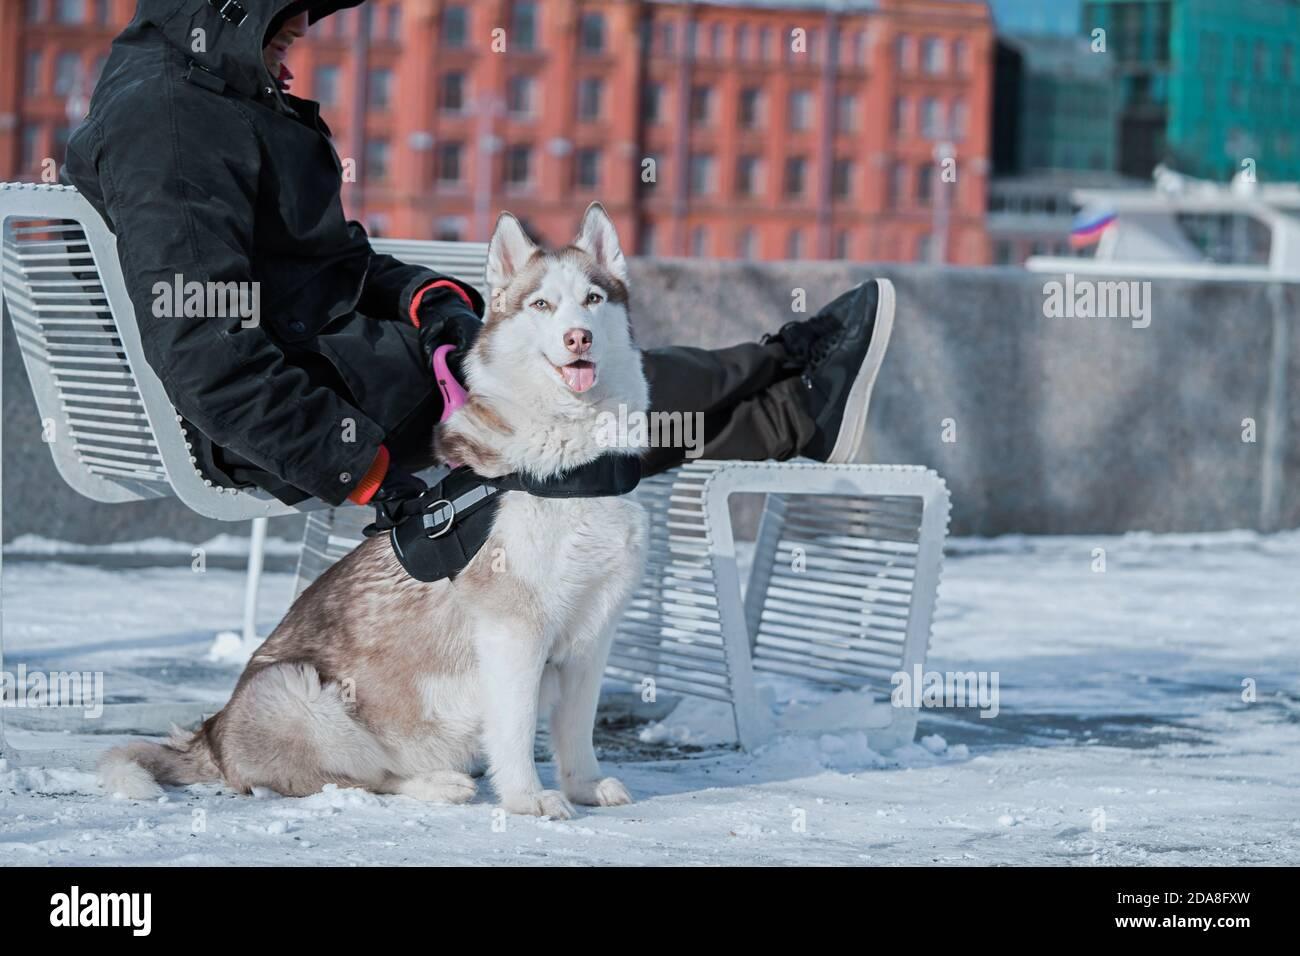 L'homme et le mignon chien Husky sibérien assis sur des chaises au parc à la Sunny Winter Day. Concept de l'amitié entre l'animal et l'homme. Banque D'Images